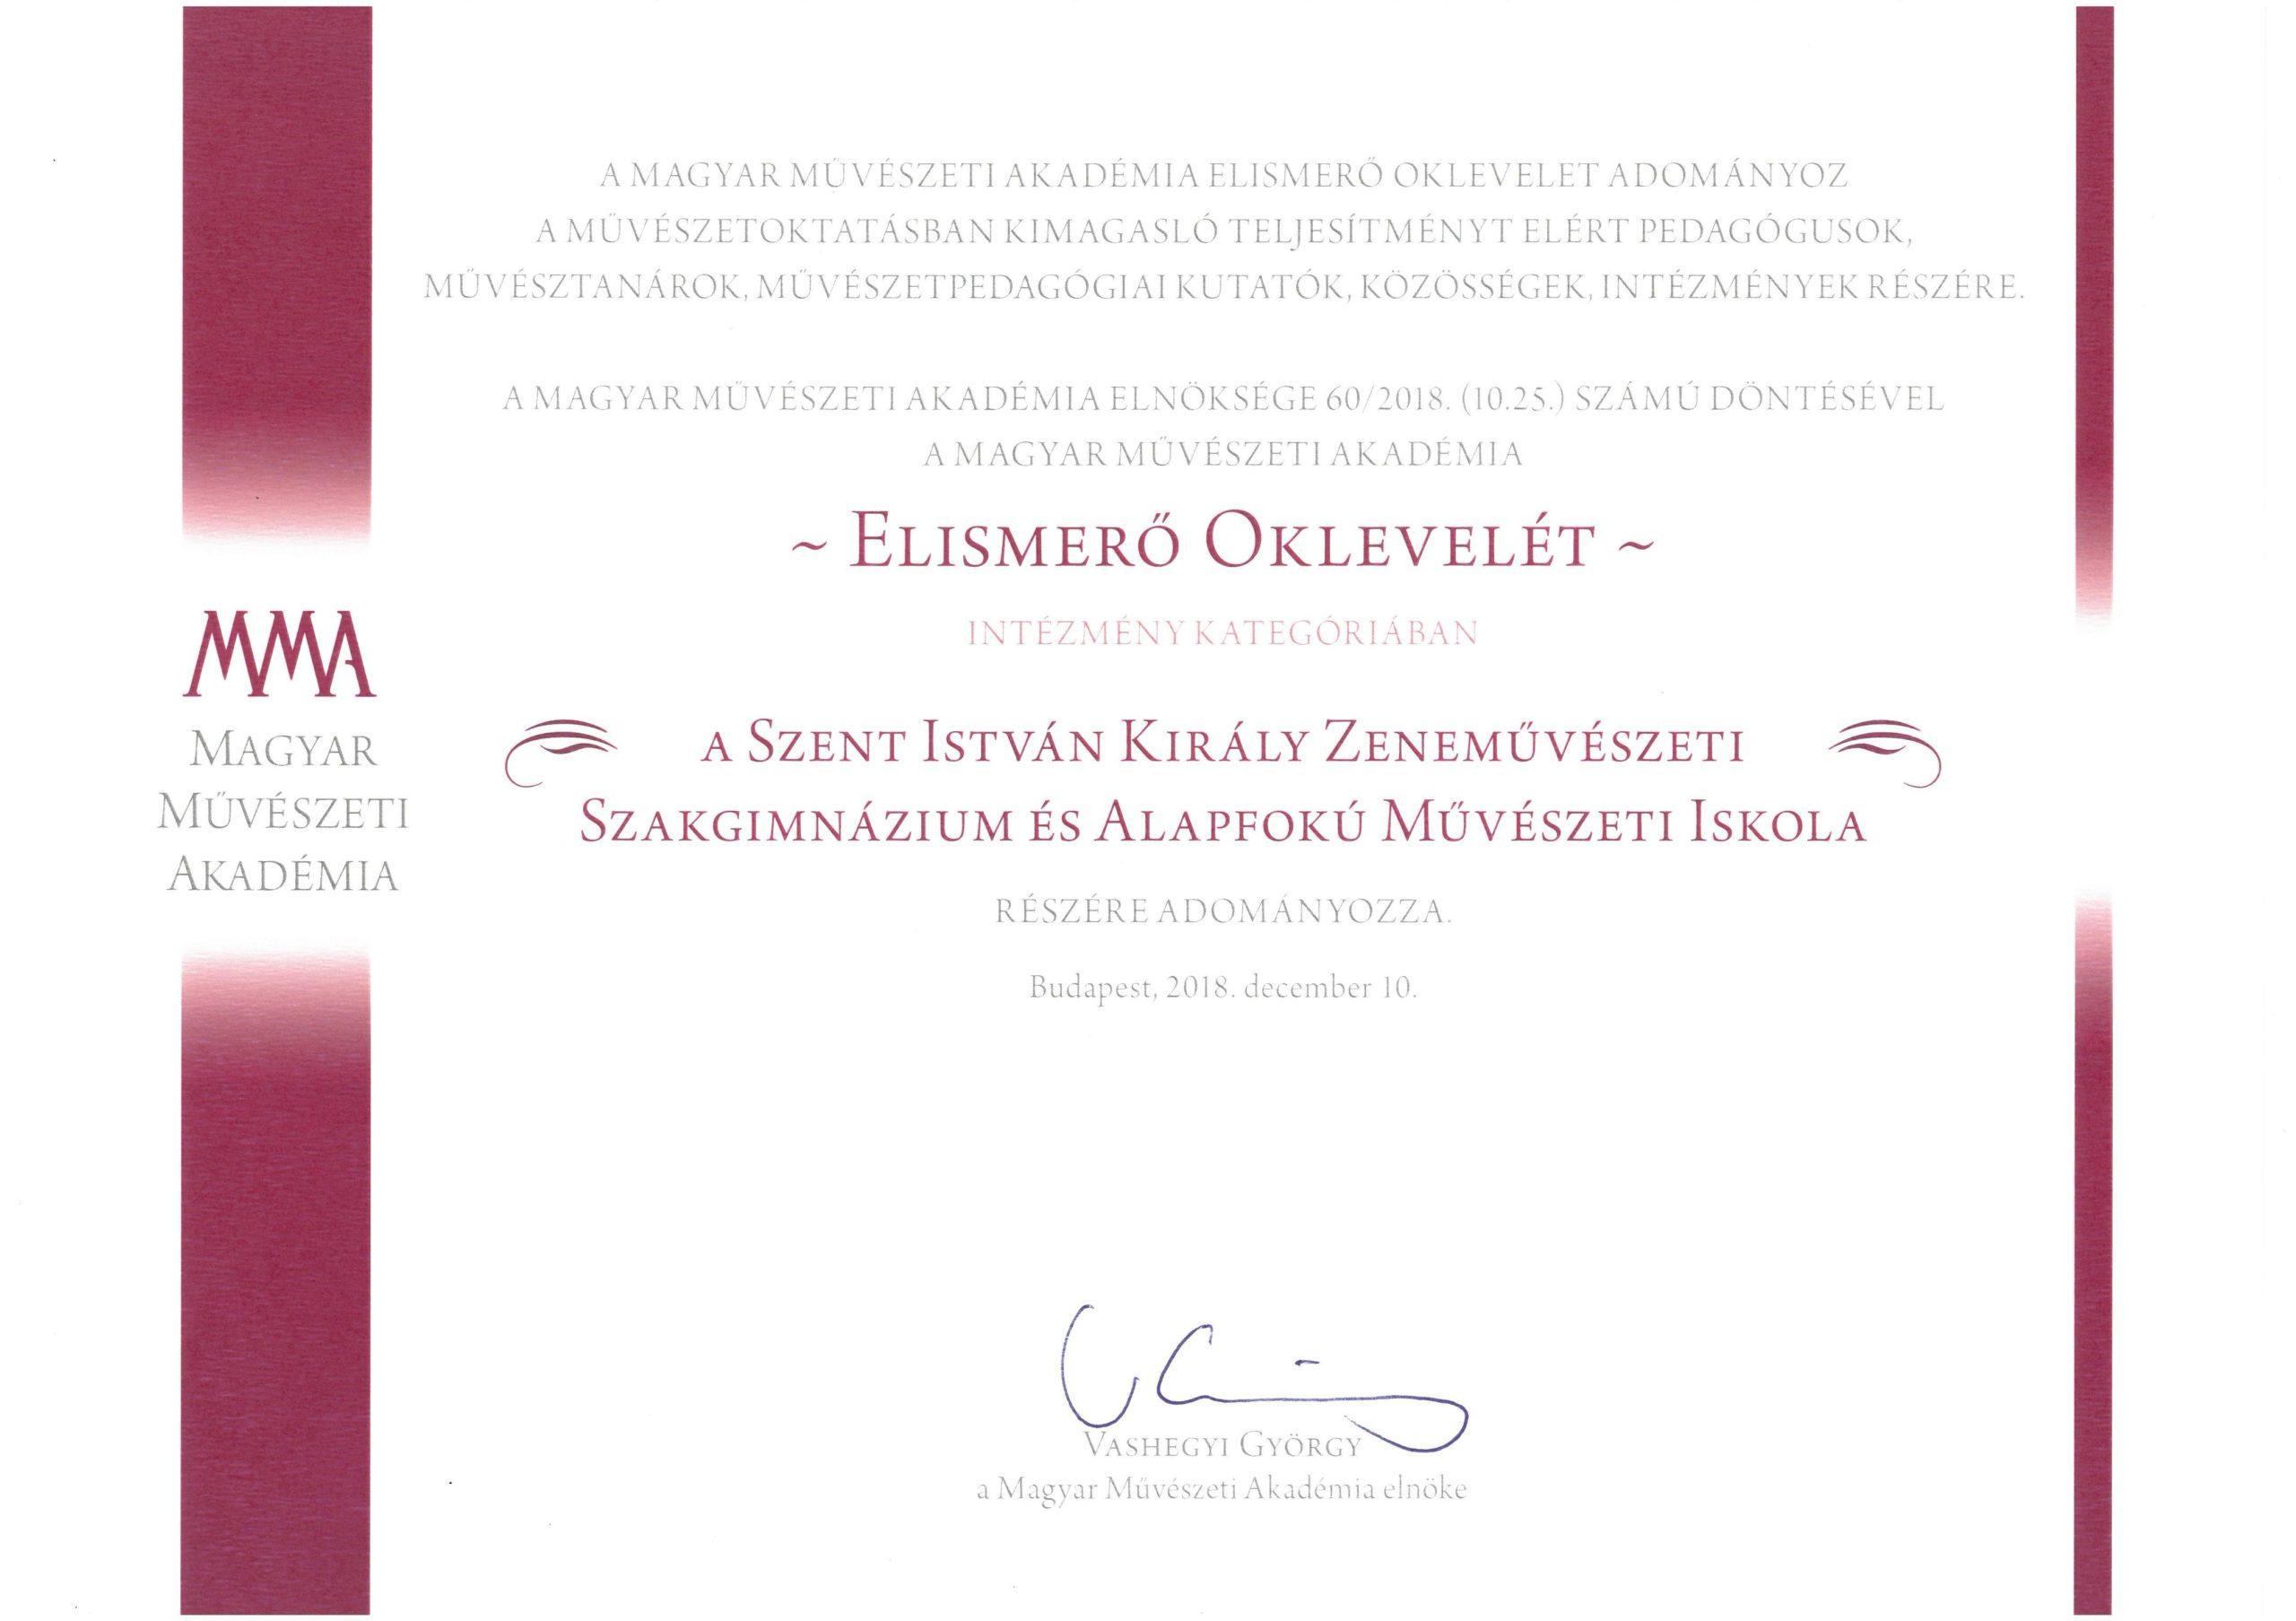 Magyar Művészeti Akadémia Elismerő Oklevél